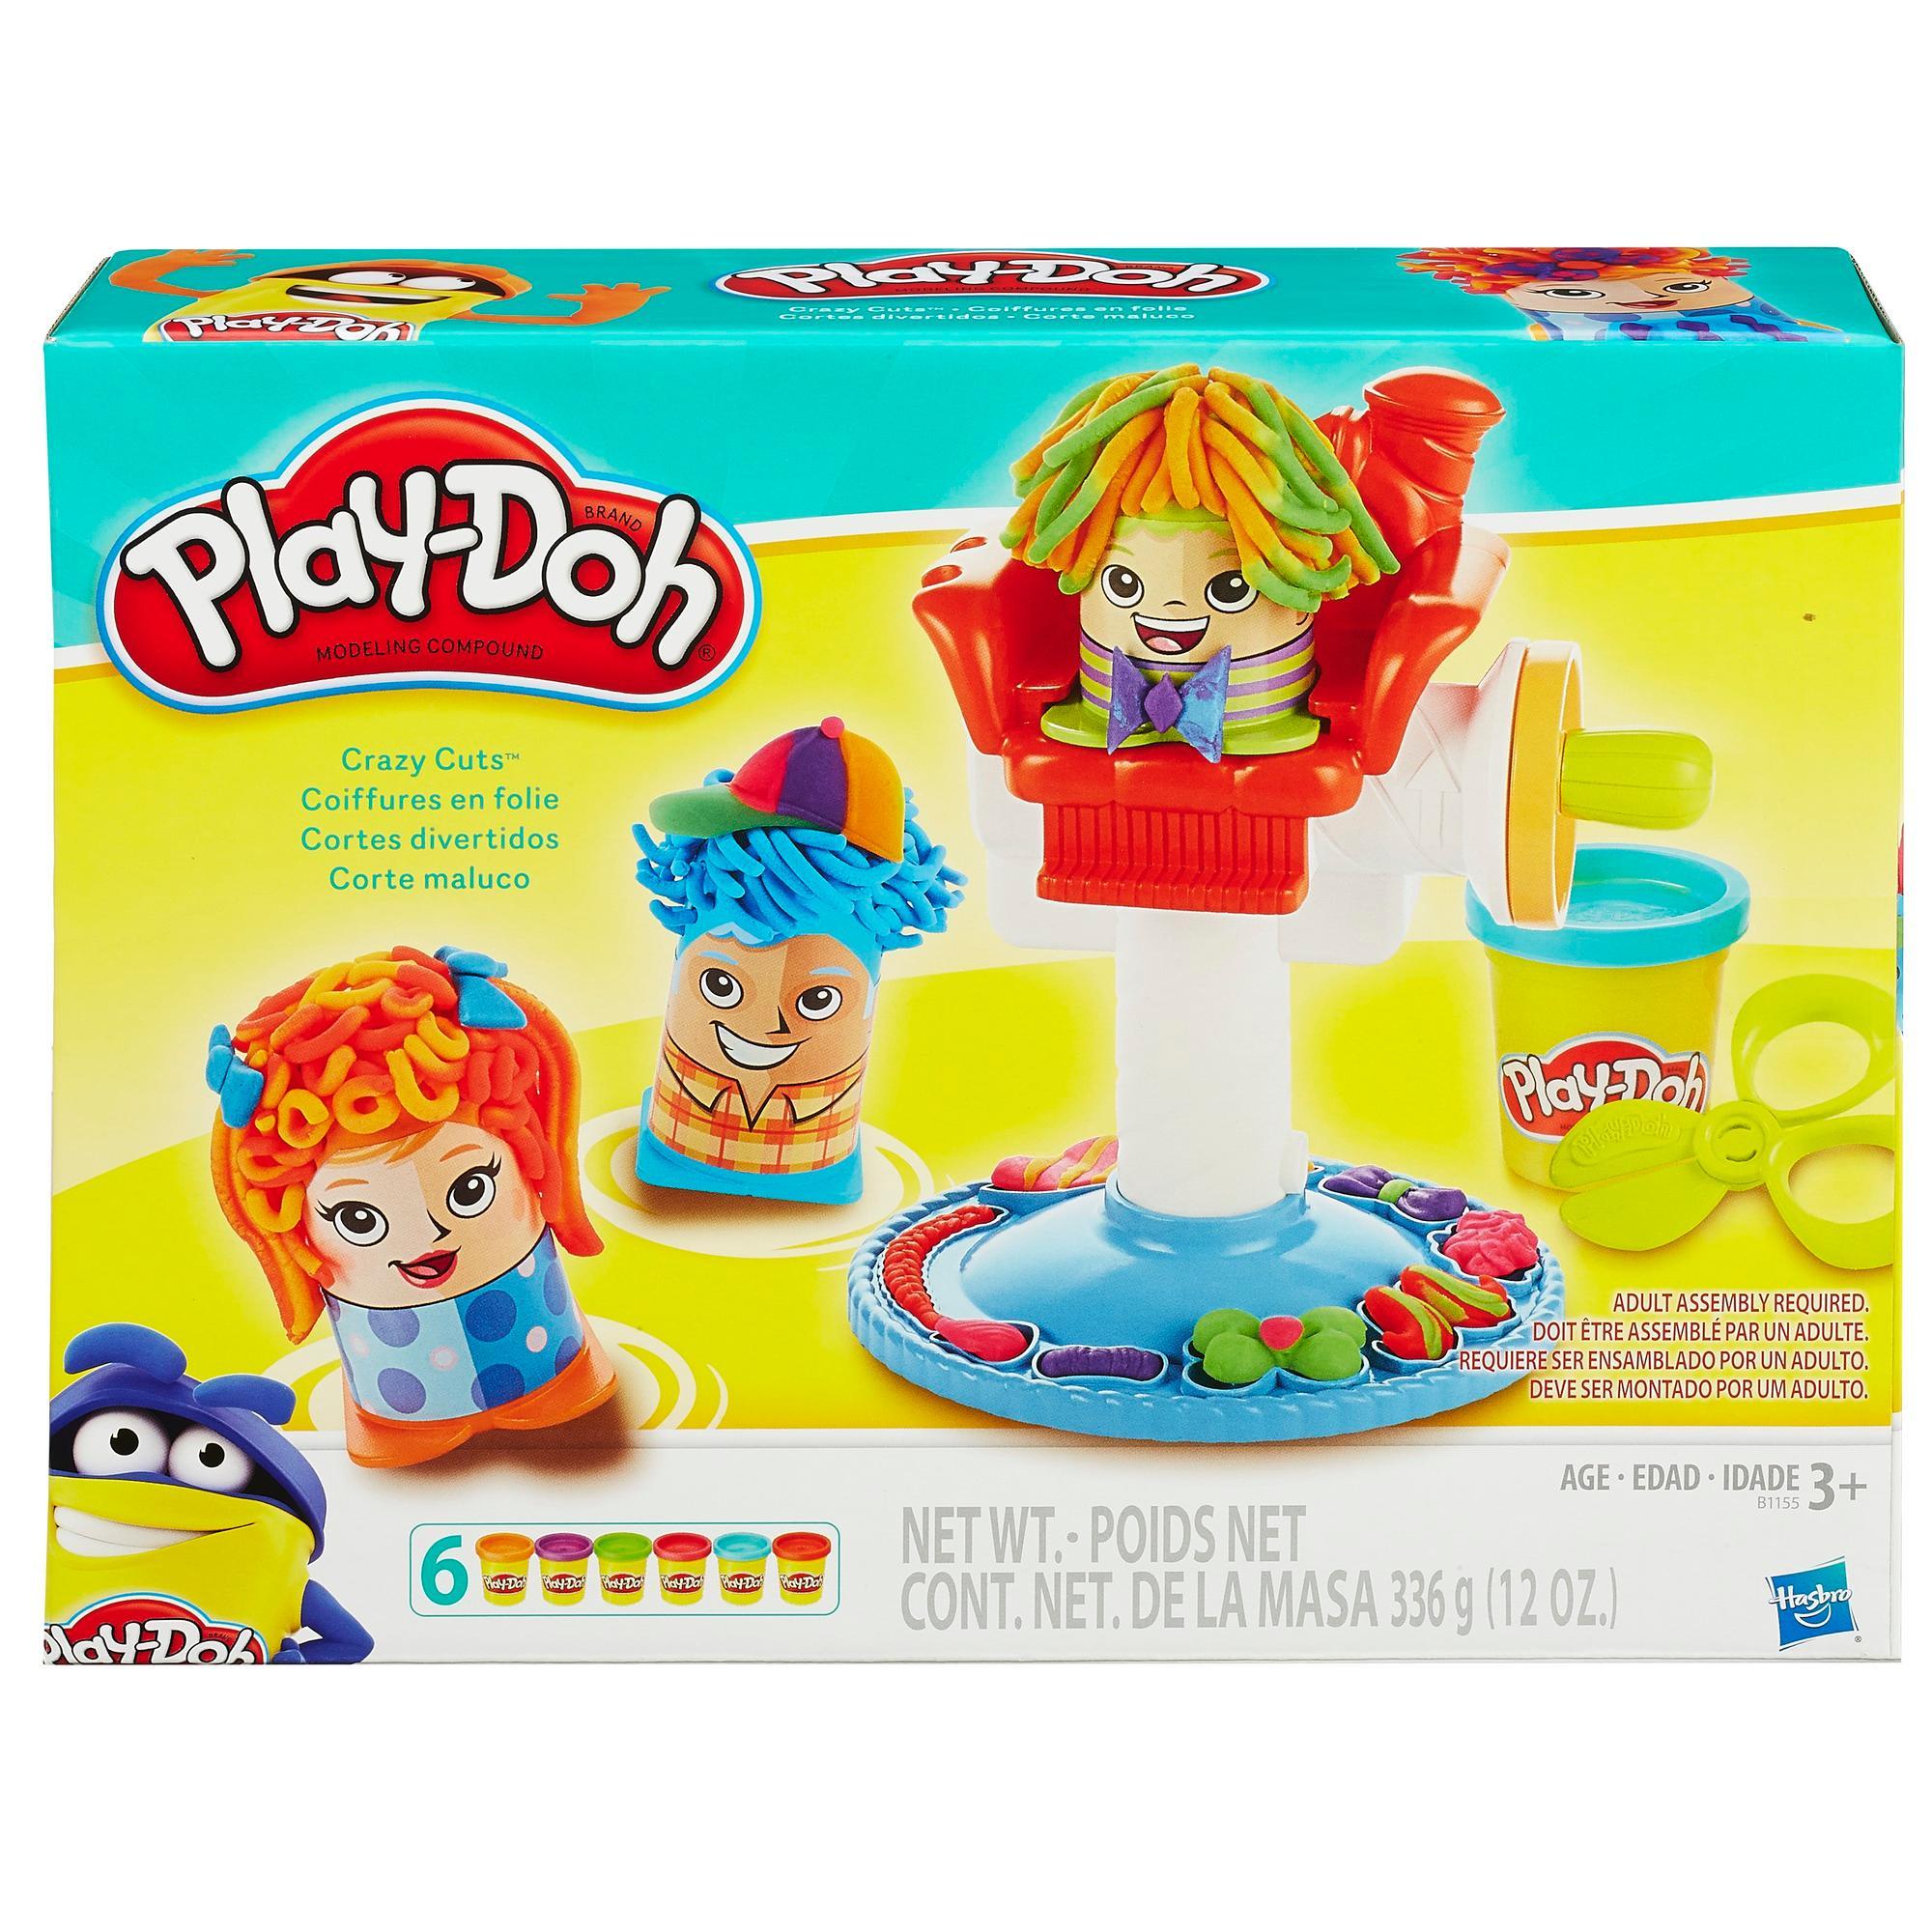 Play-Doh Crazy Cuts